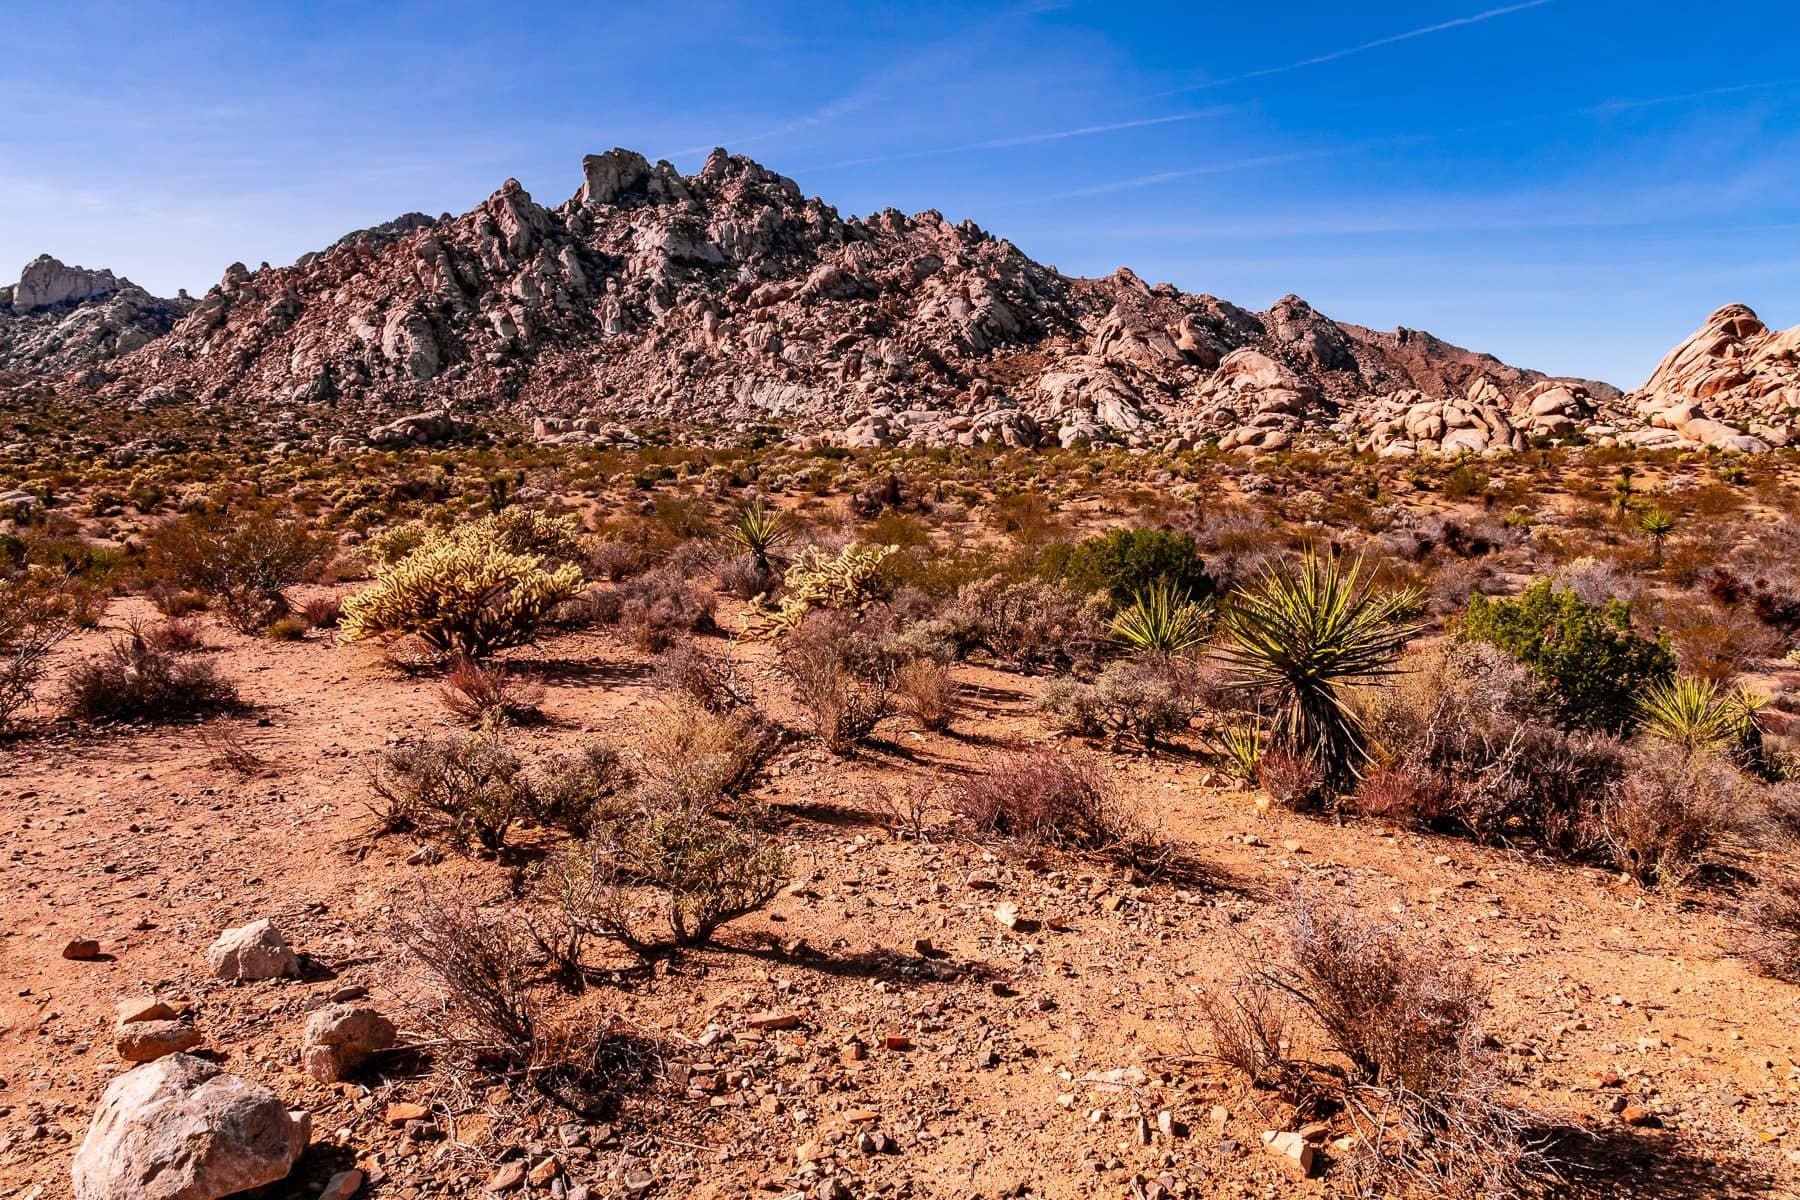 The dry desert landscape of California's Mojave National Preserve.